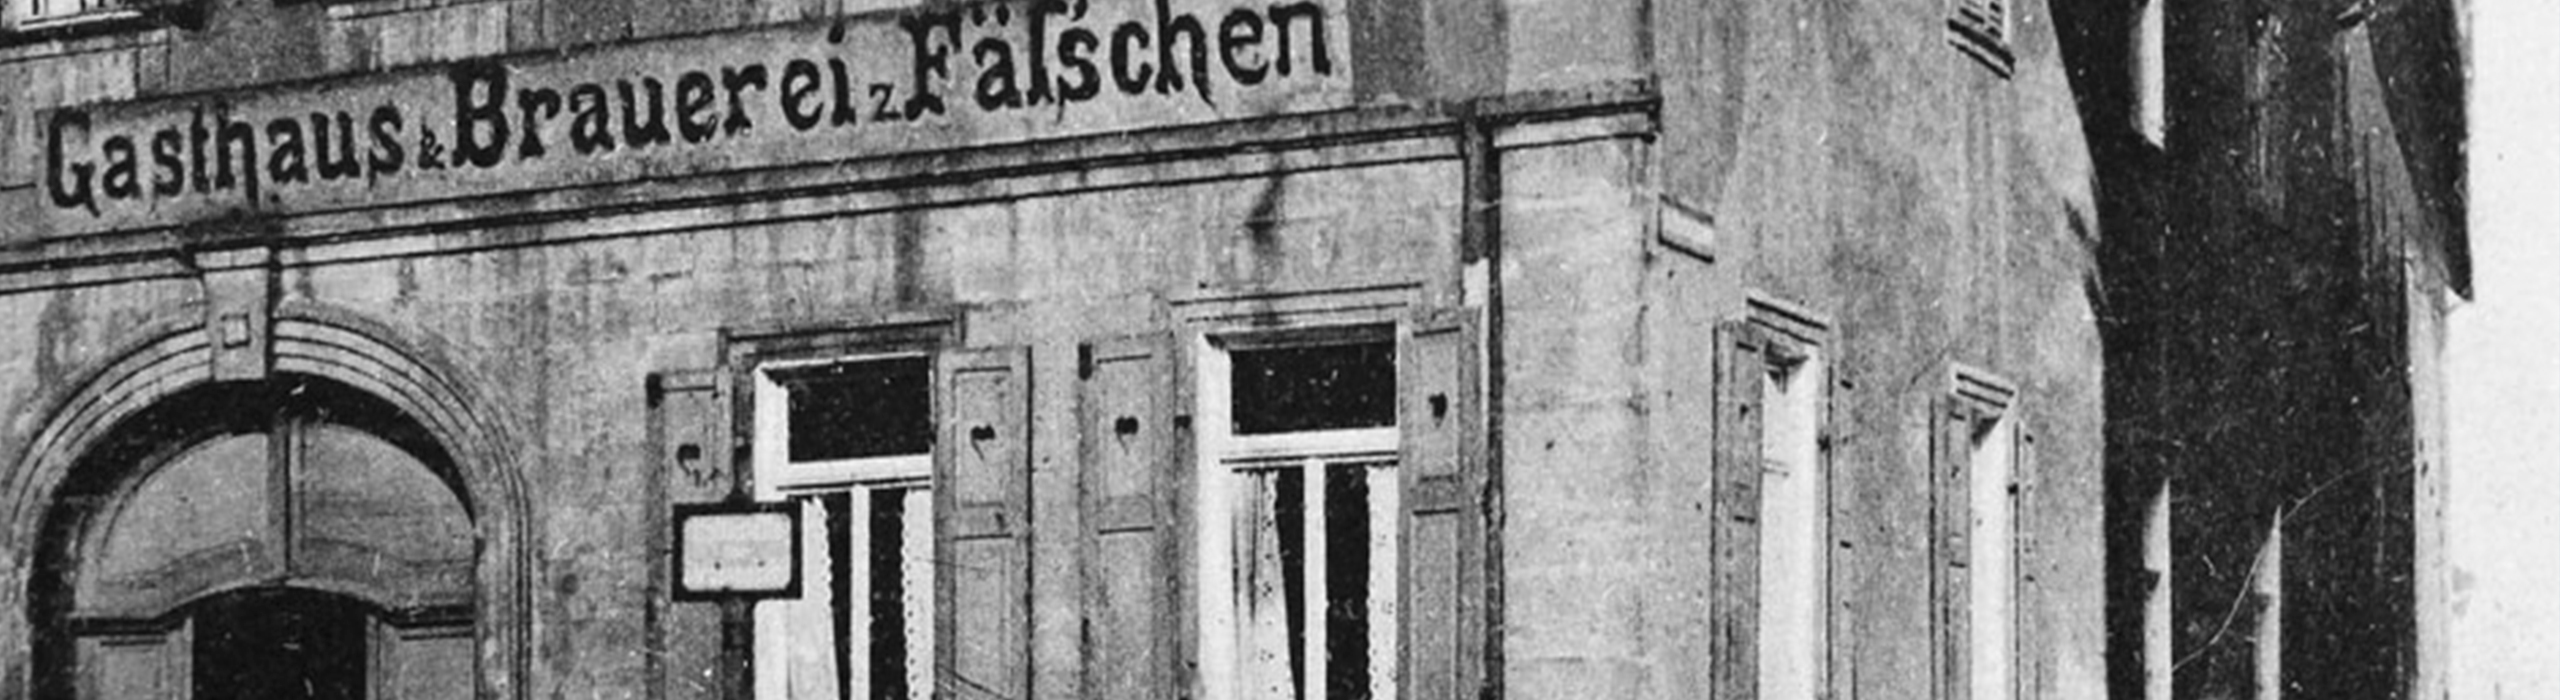 Brauerei Fässla um 1900